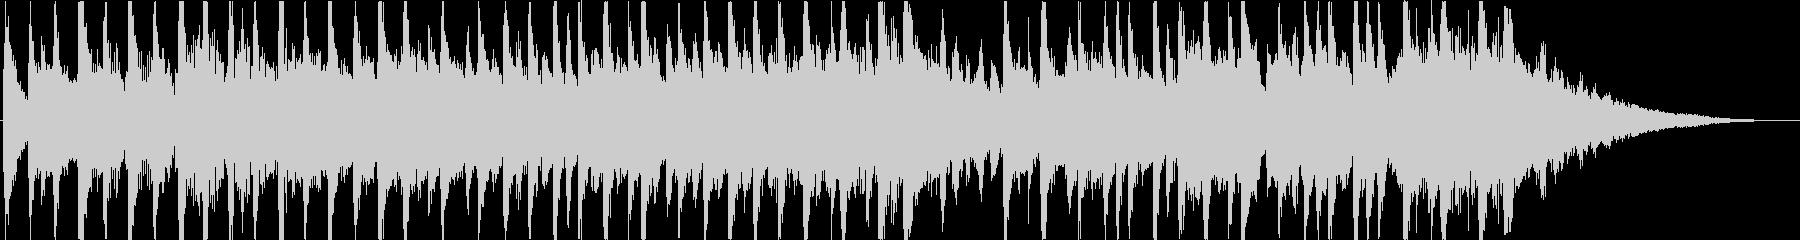 明るい透明感のあるマリンバ曲映像にの未再生の波形